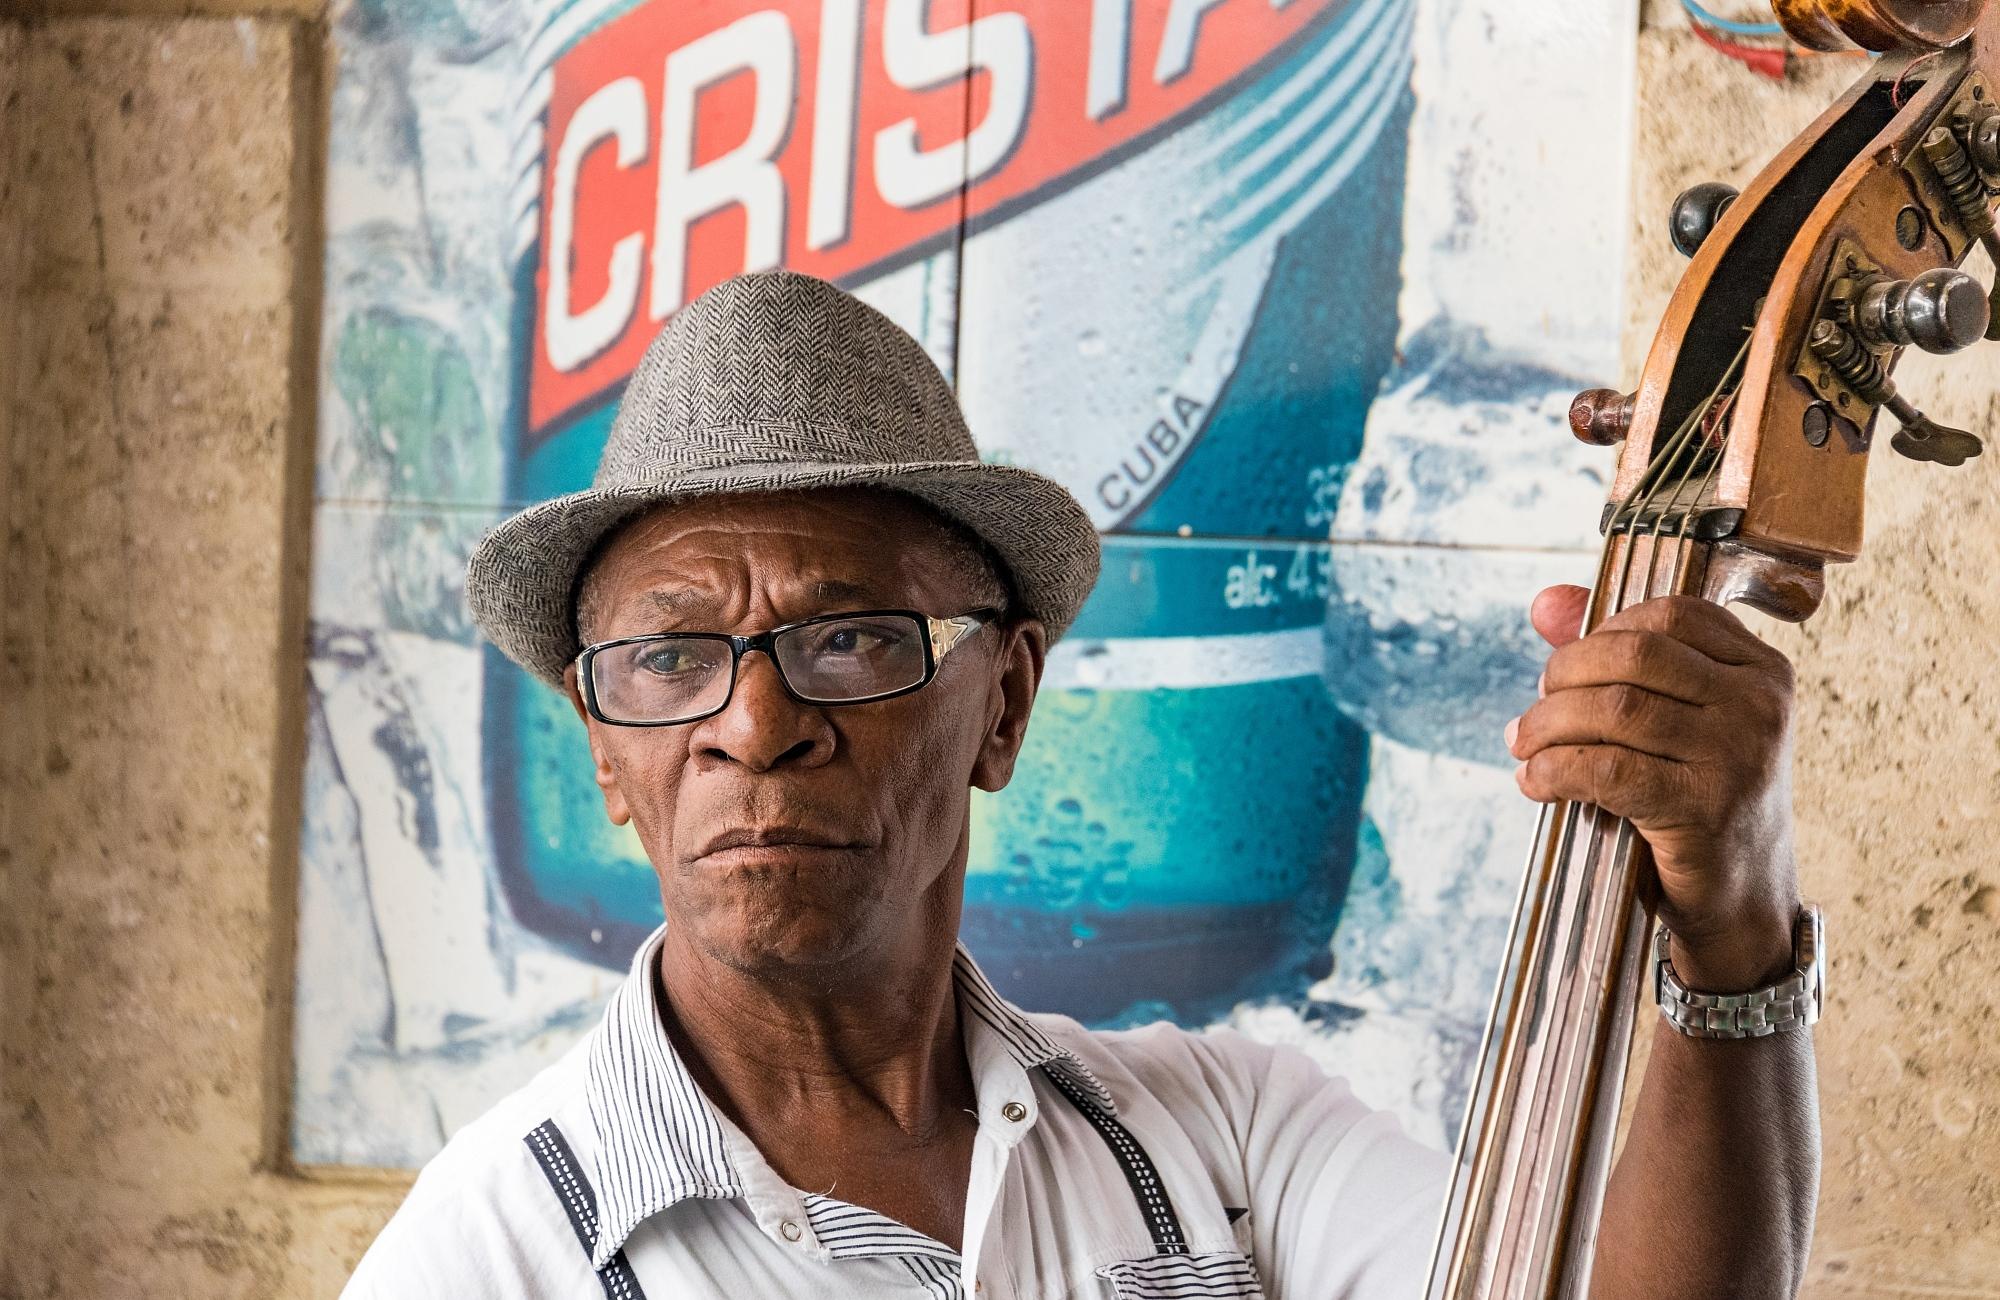 Voyage- Musicien dans un bar - Cuba- Amplitudes